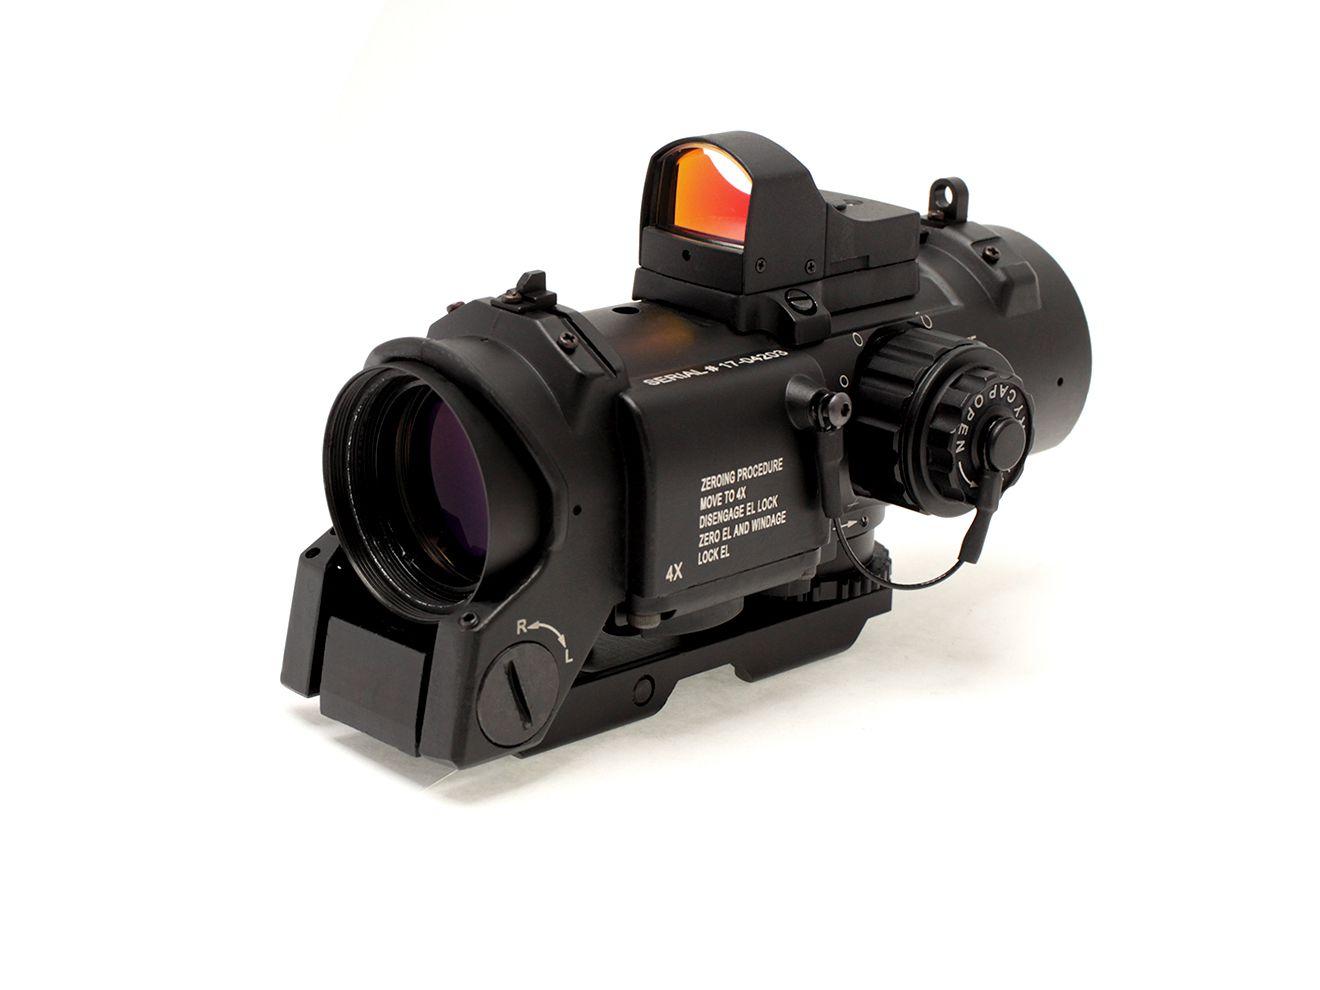 【米軍でも採用!小さくても高性能!究極スコープ】ELCAN SPECTER DRタイプ X4スコープ/BK 自動調光ミニダットサイト付★エルカンスペクターDRマルイM4M16レシーライフルなどに(H0202B)